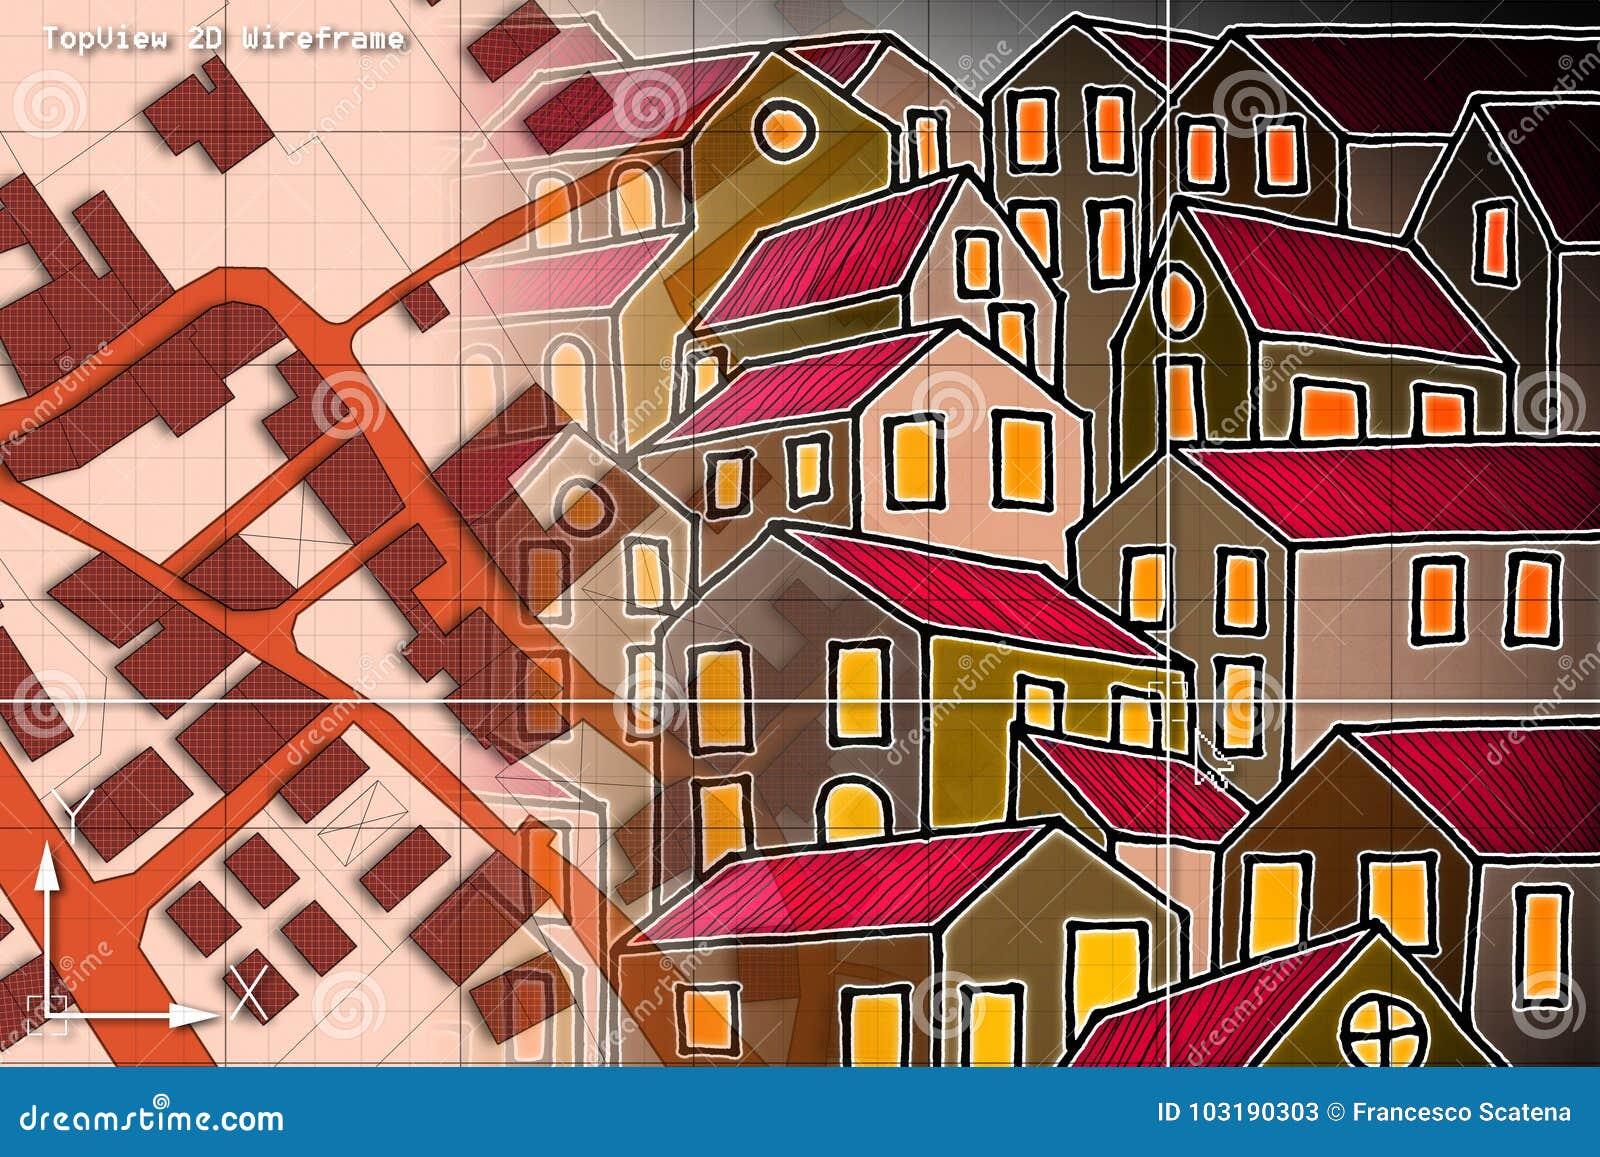 Imaginär matrikel- översikt av territoriet med byggnader och vägdren